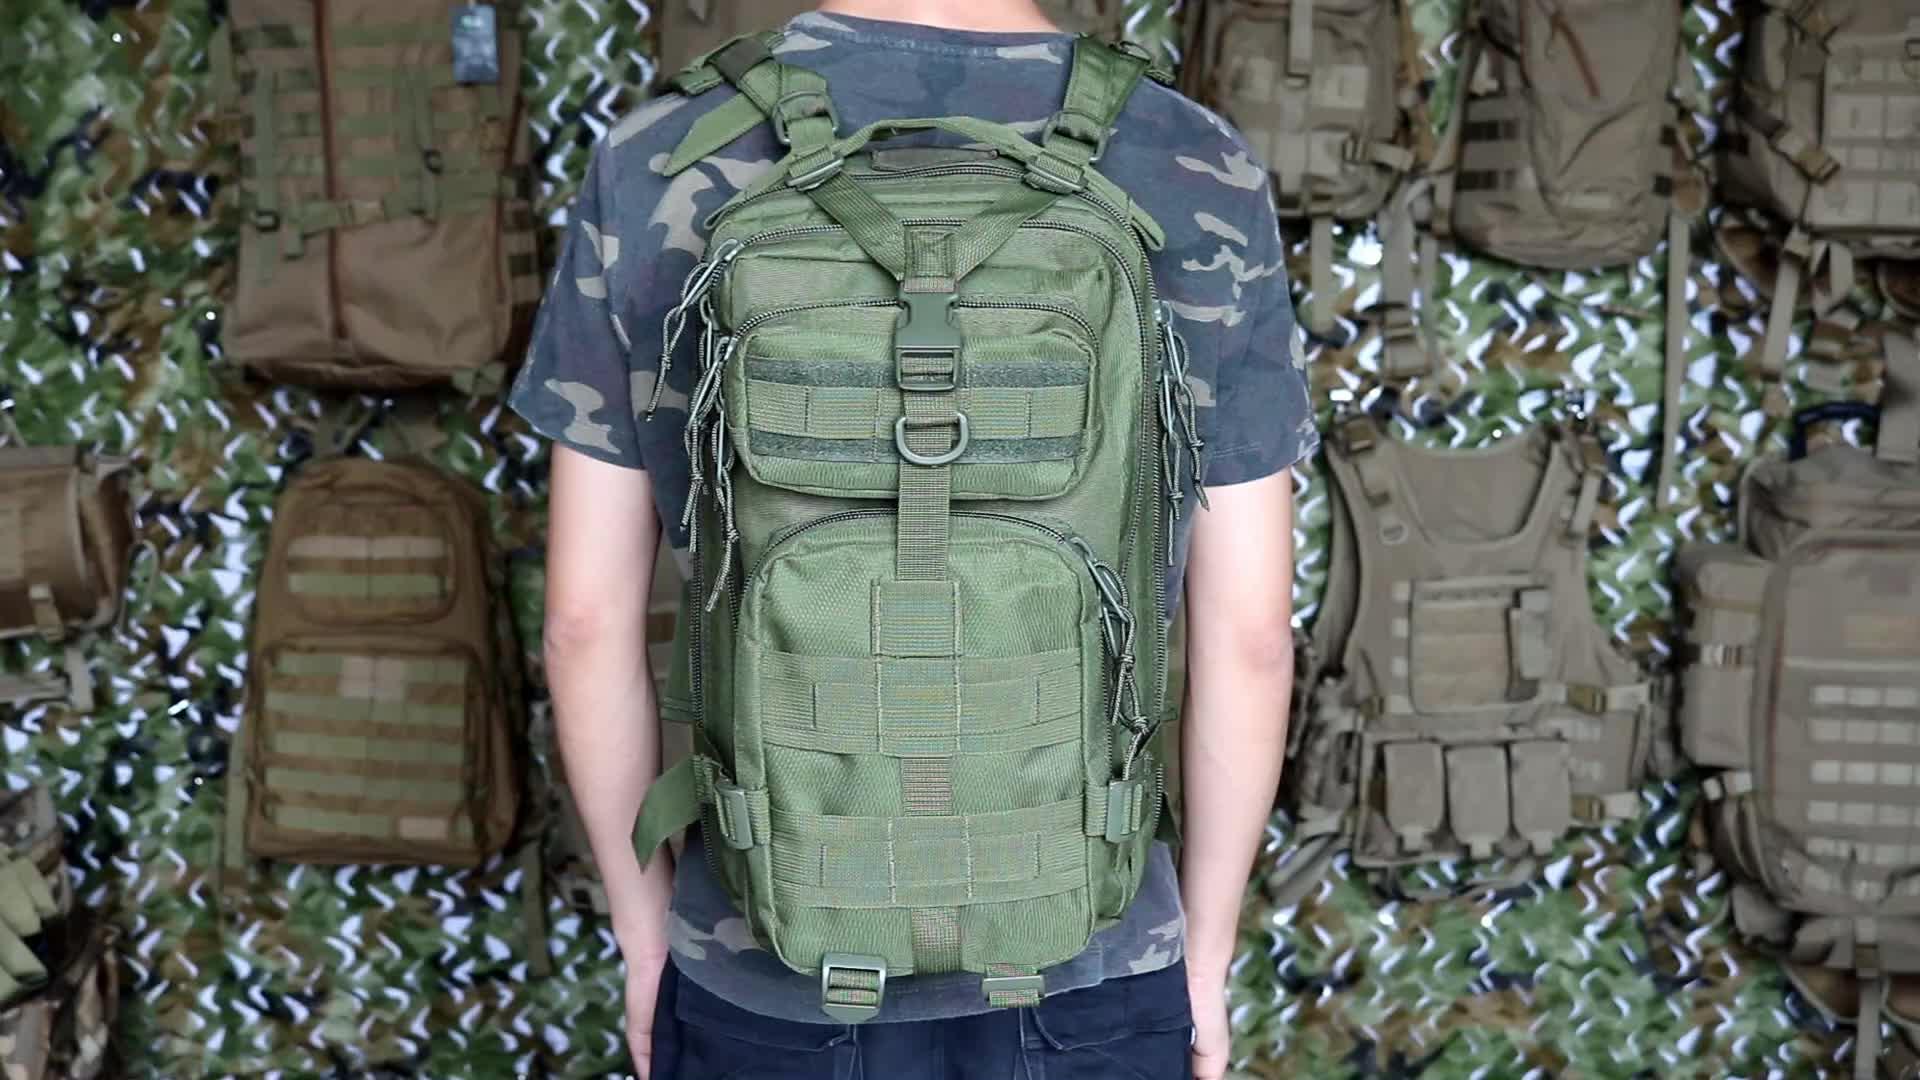 กันน้ำทหารกระเป๋าเป้สะพายหลังยุทธวิธี Camo กีฬากลางแจ้ง Daypack กระเป๋าเดินทางกระเป๋าเดินทาง Molle 3 P กระเป๋าเป้สะพายหลัง